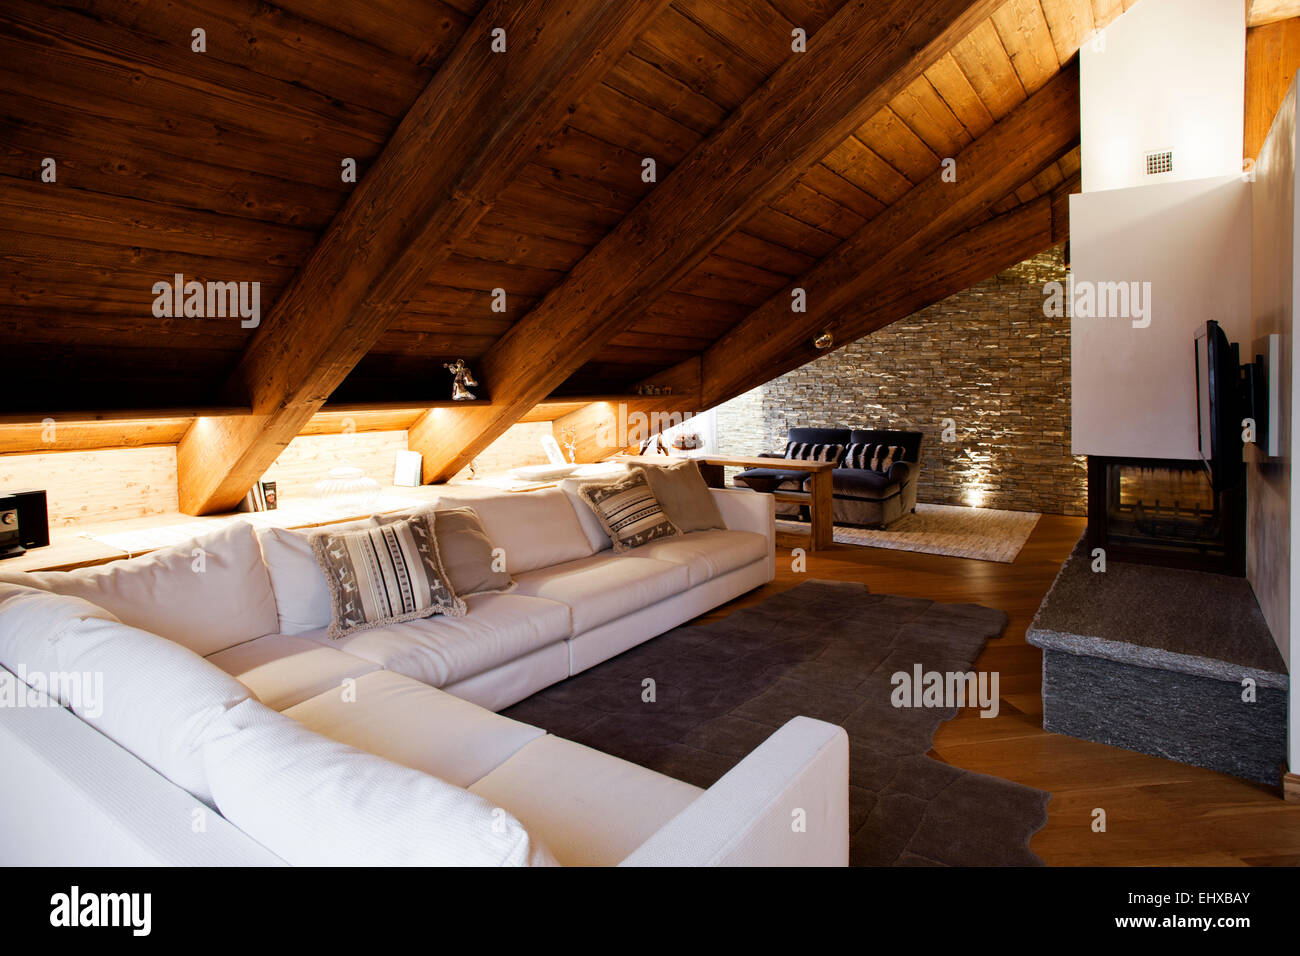 Luxus Wohnzimmer In Alpine Hutte Mit Kamin Und Steinernen Wand Stockfotografie Alamy